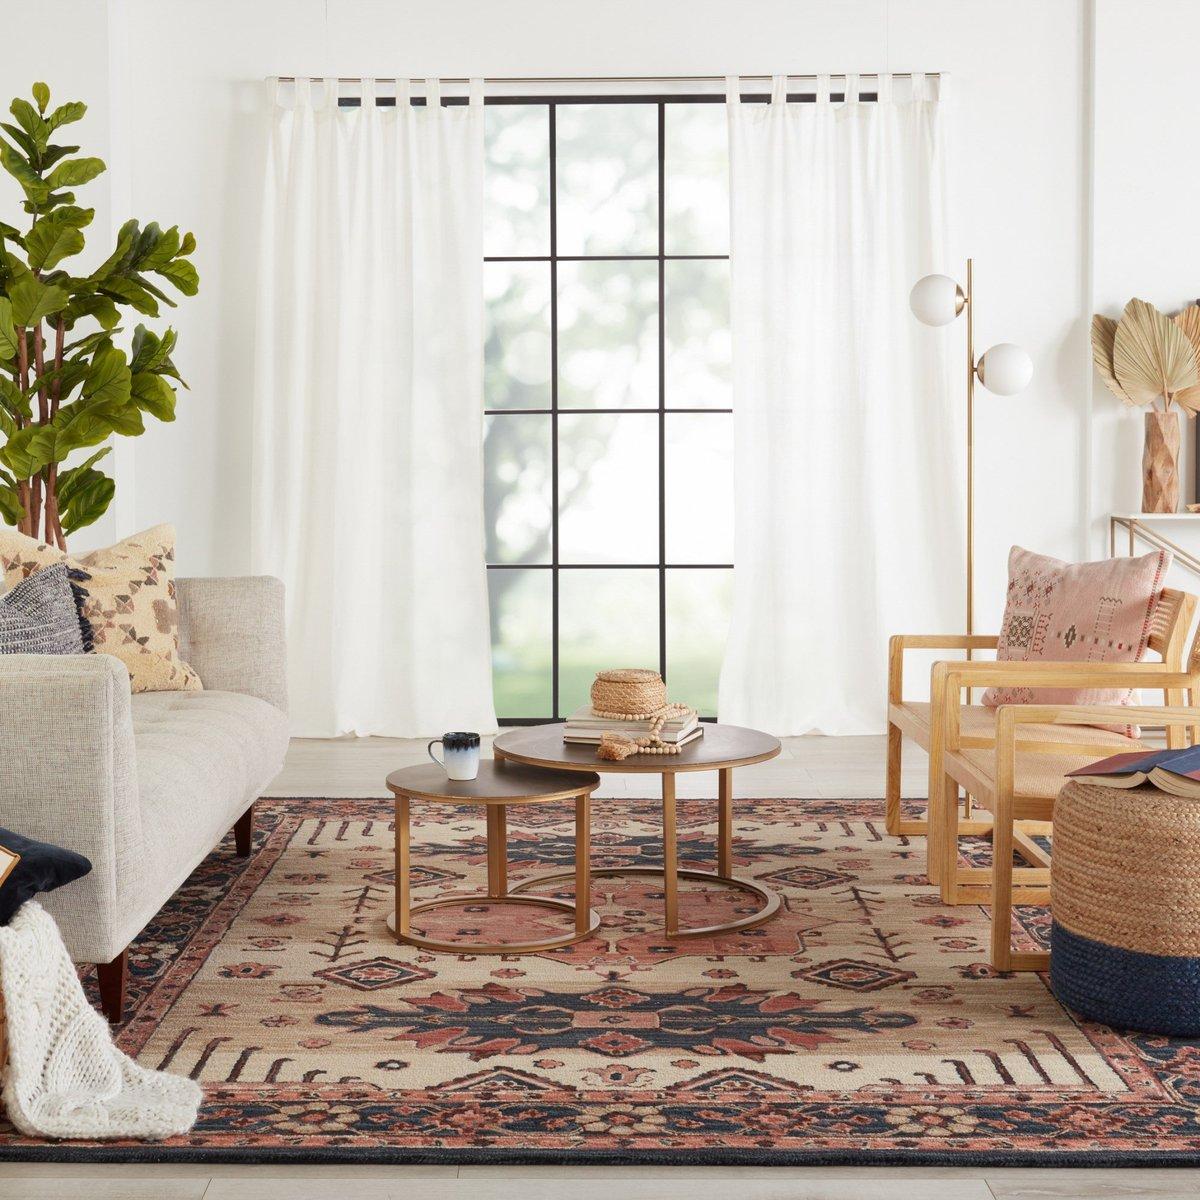 Light and Bright Boho Living Room Decor Ideas